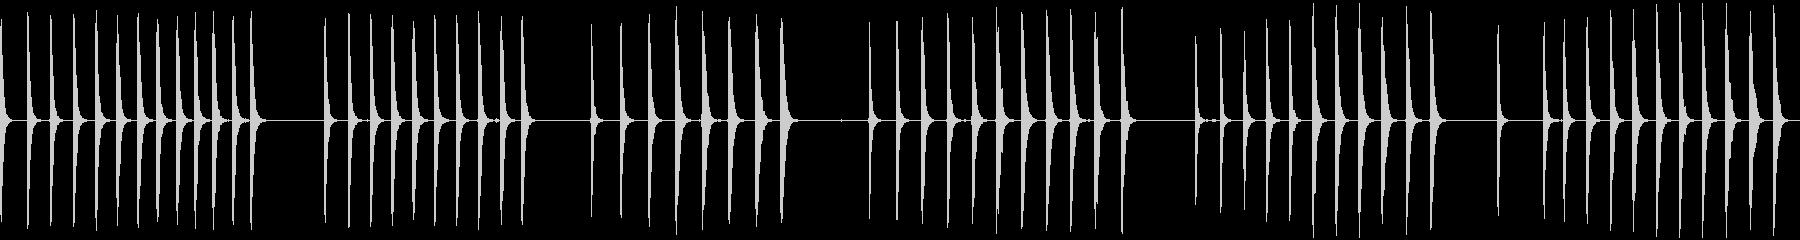 木材へのハンマーのいくつかの釘;ヴ...の未再生の波形